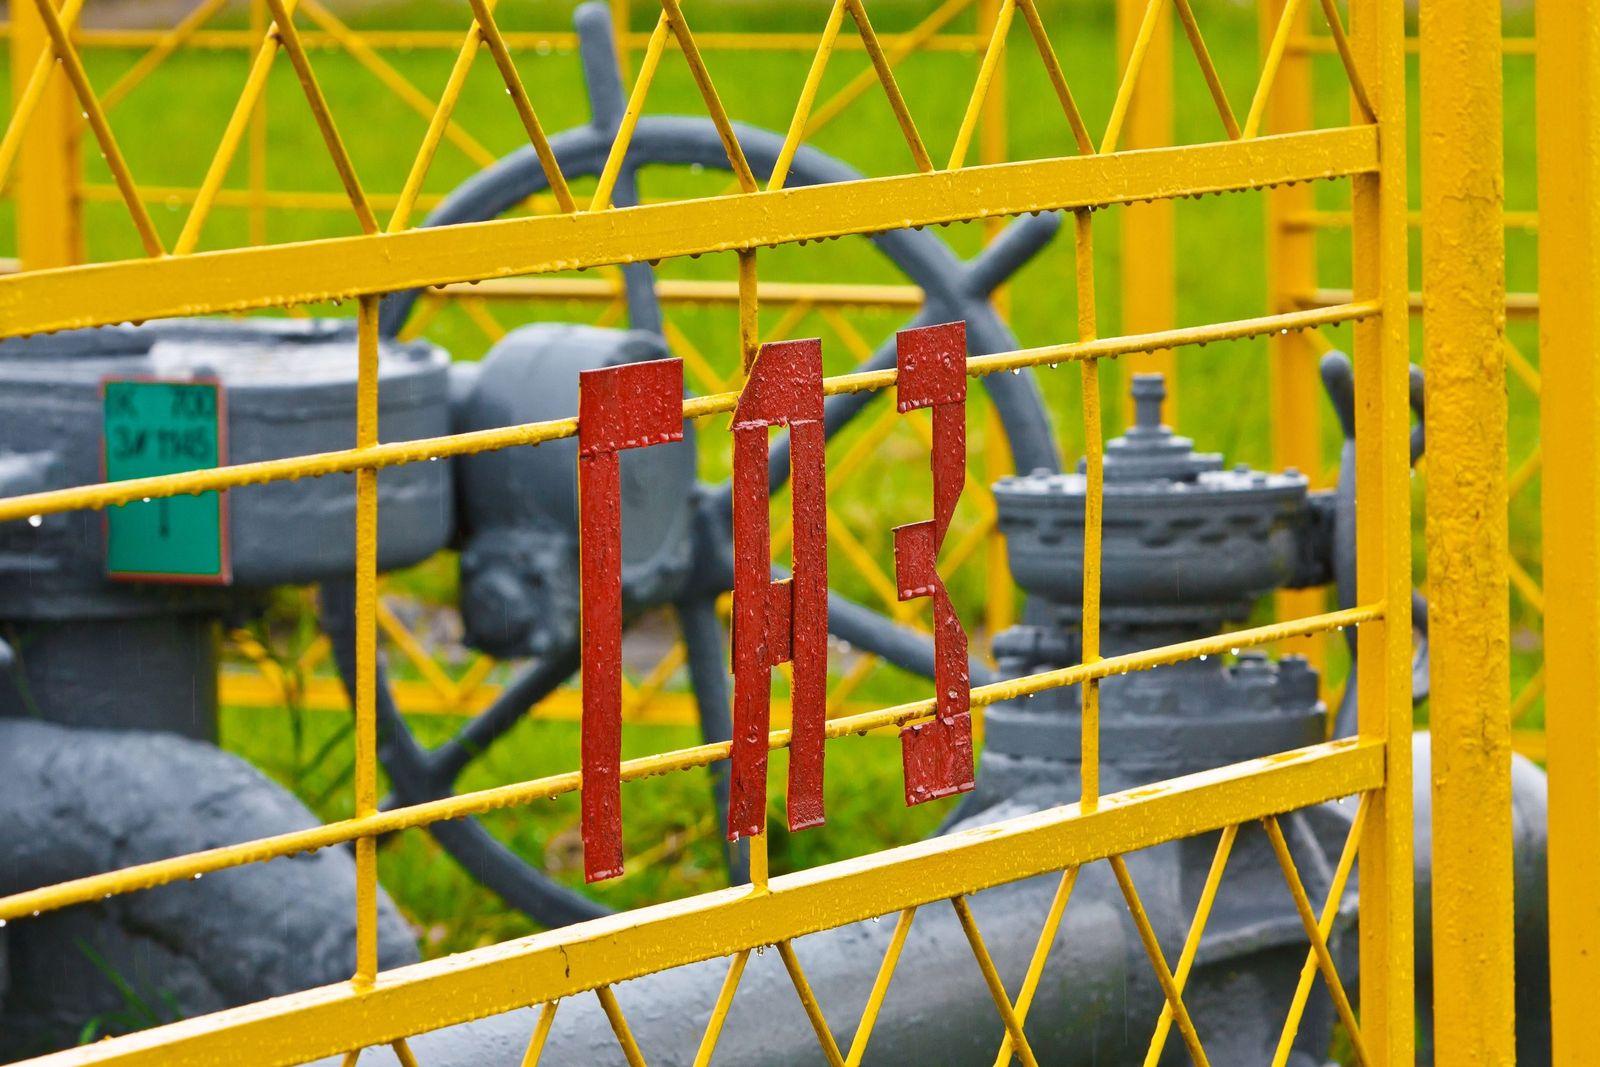 Moskau drosselt Gaslieferung an Weißrussland weiter